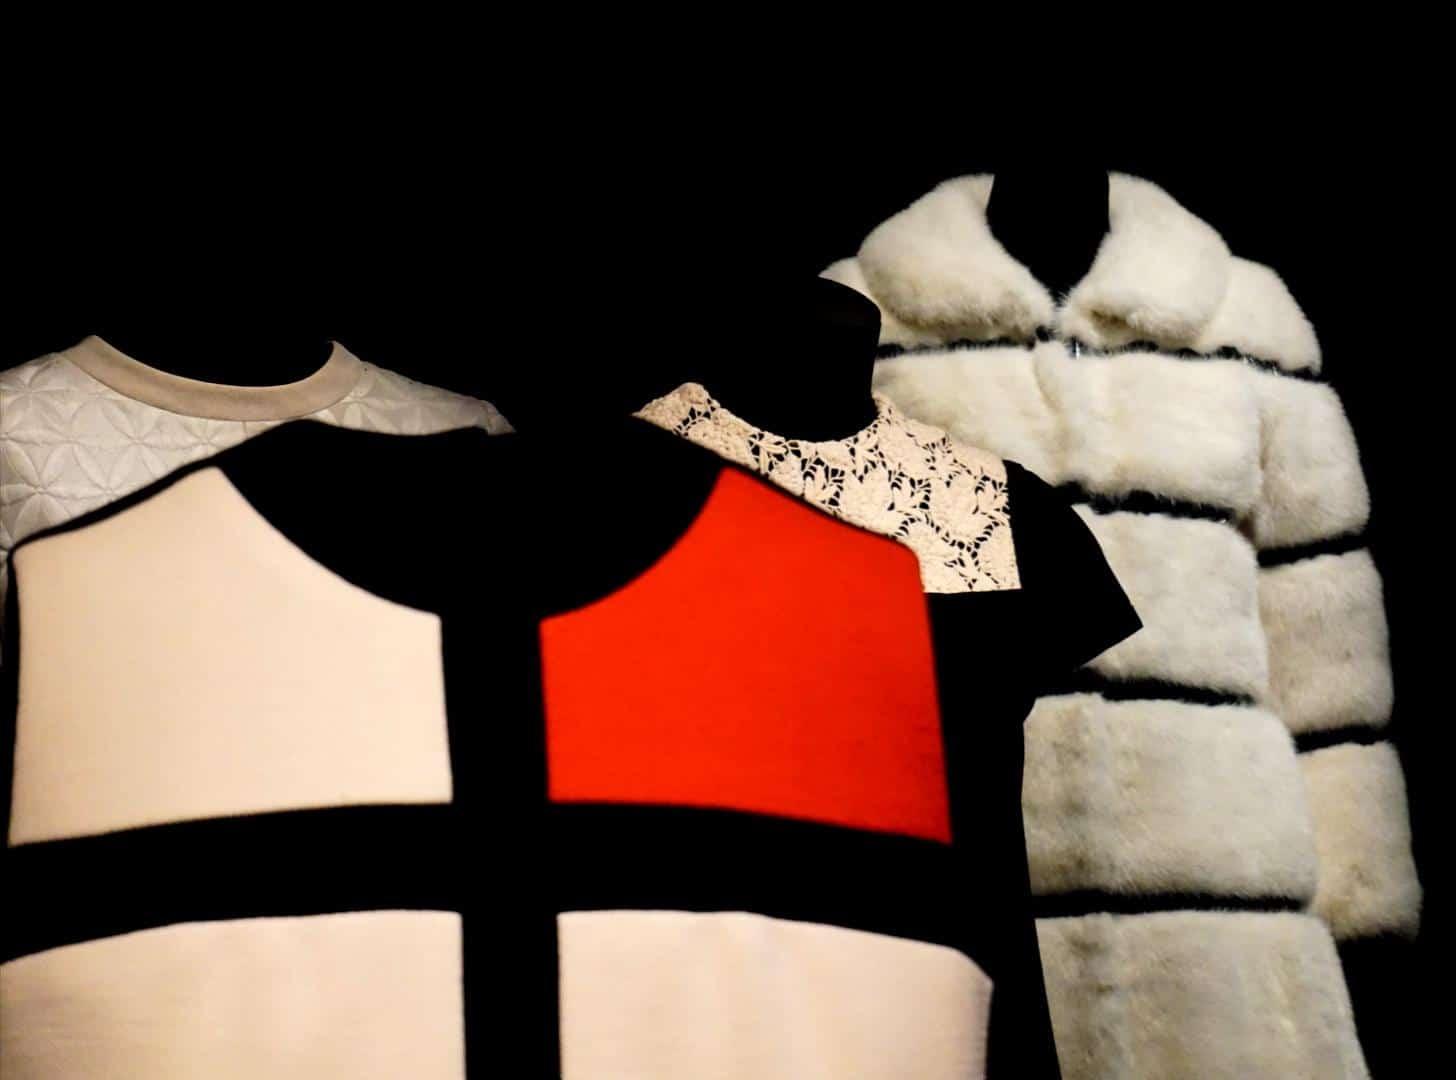 Peças em exposição no Museu Yves Saint Laurent Paris